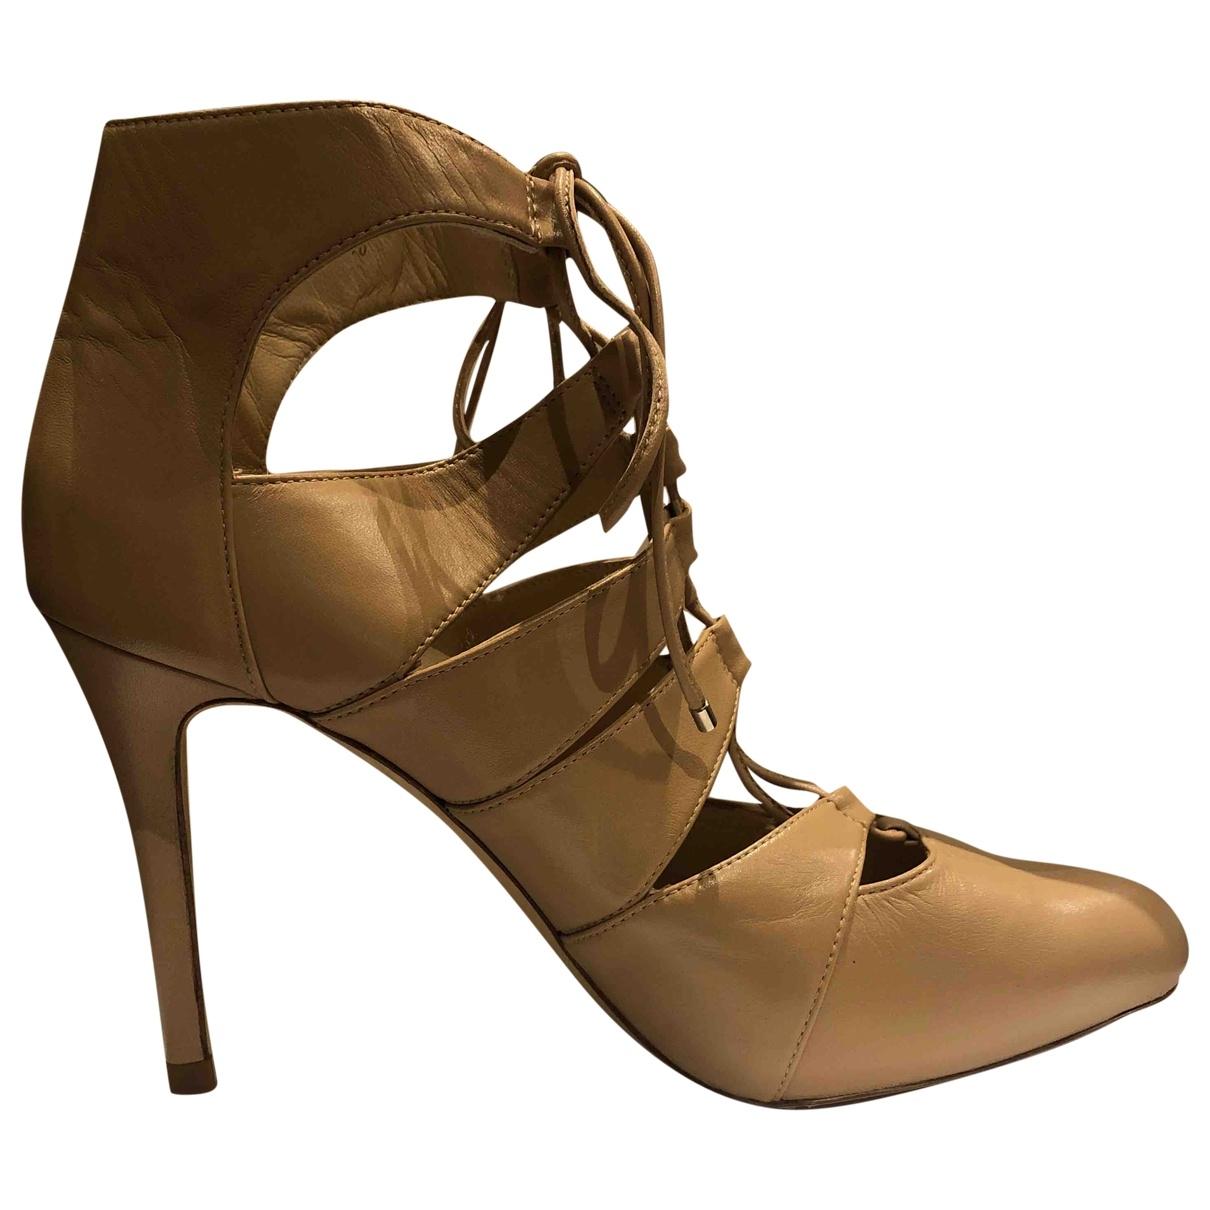 Lk Bennett \N Beige Leather Heels for Women 40 EU